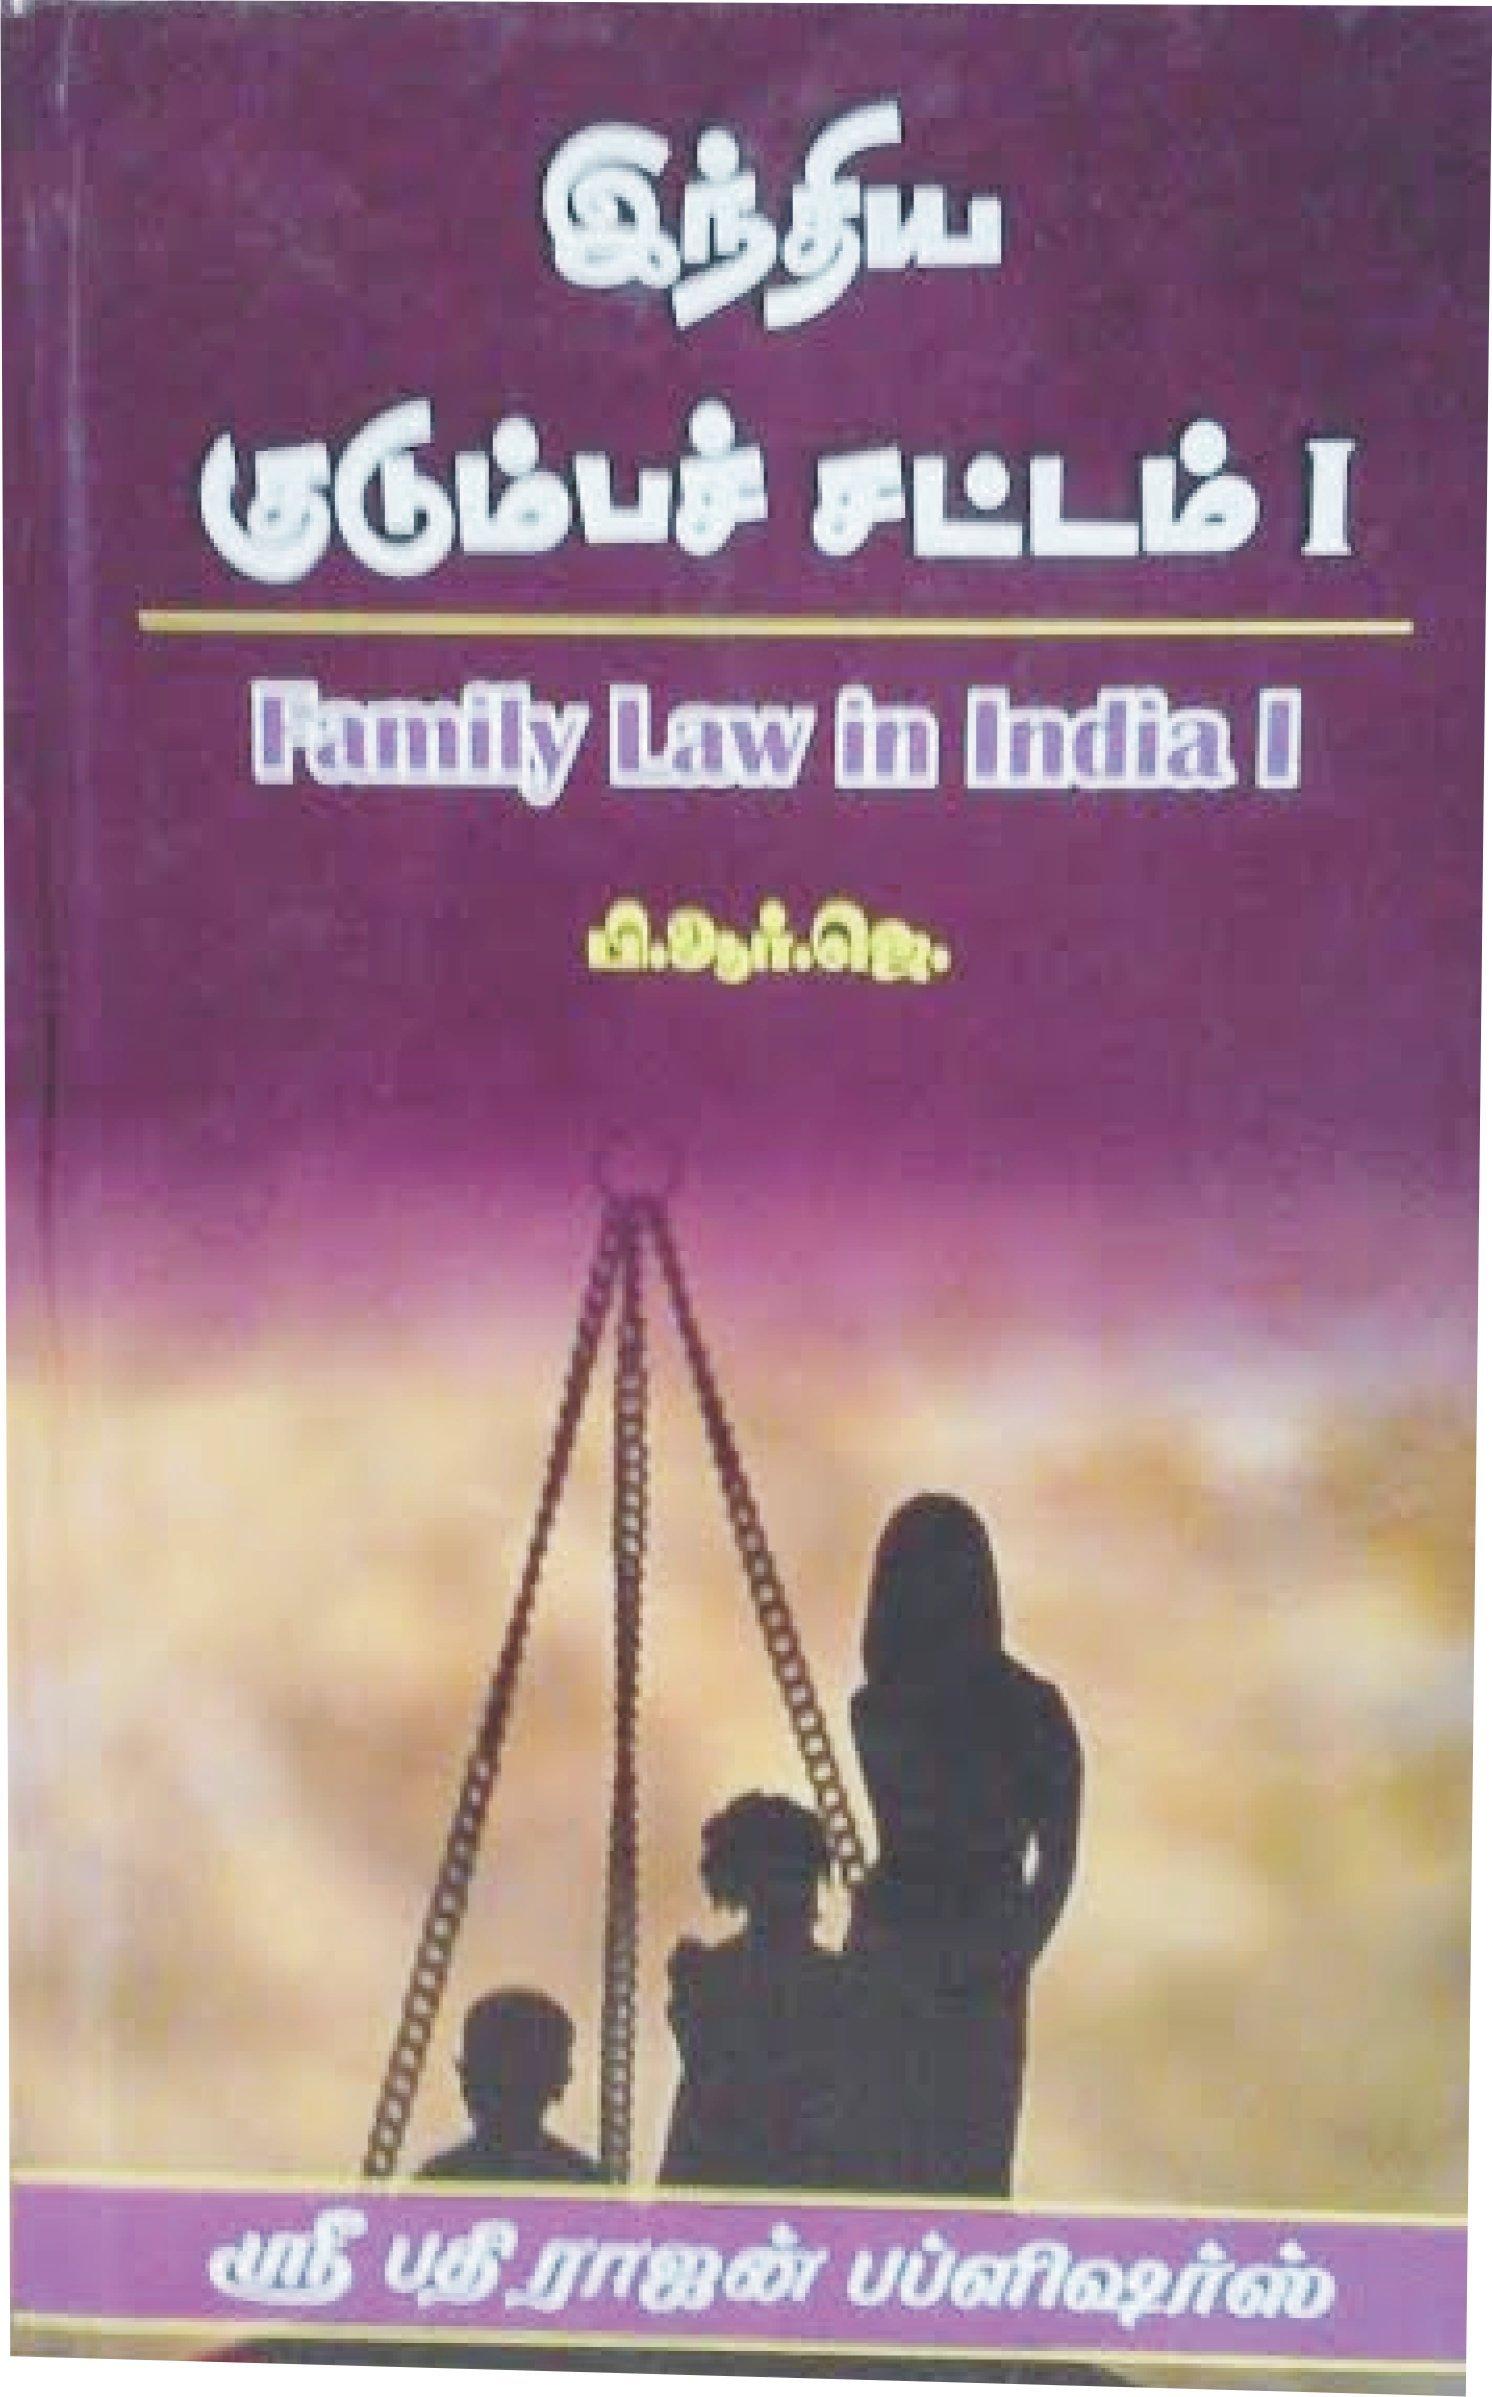 Buy Family Law in India I (இந்திய குடும்ப